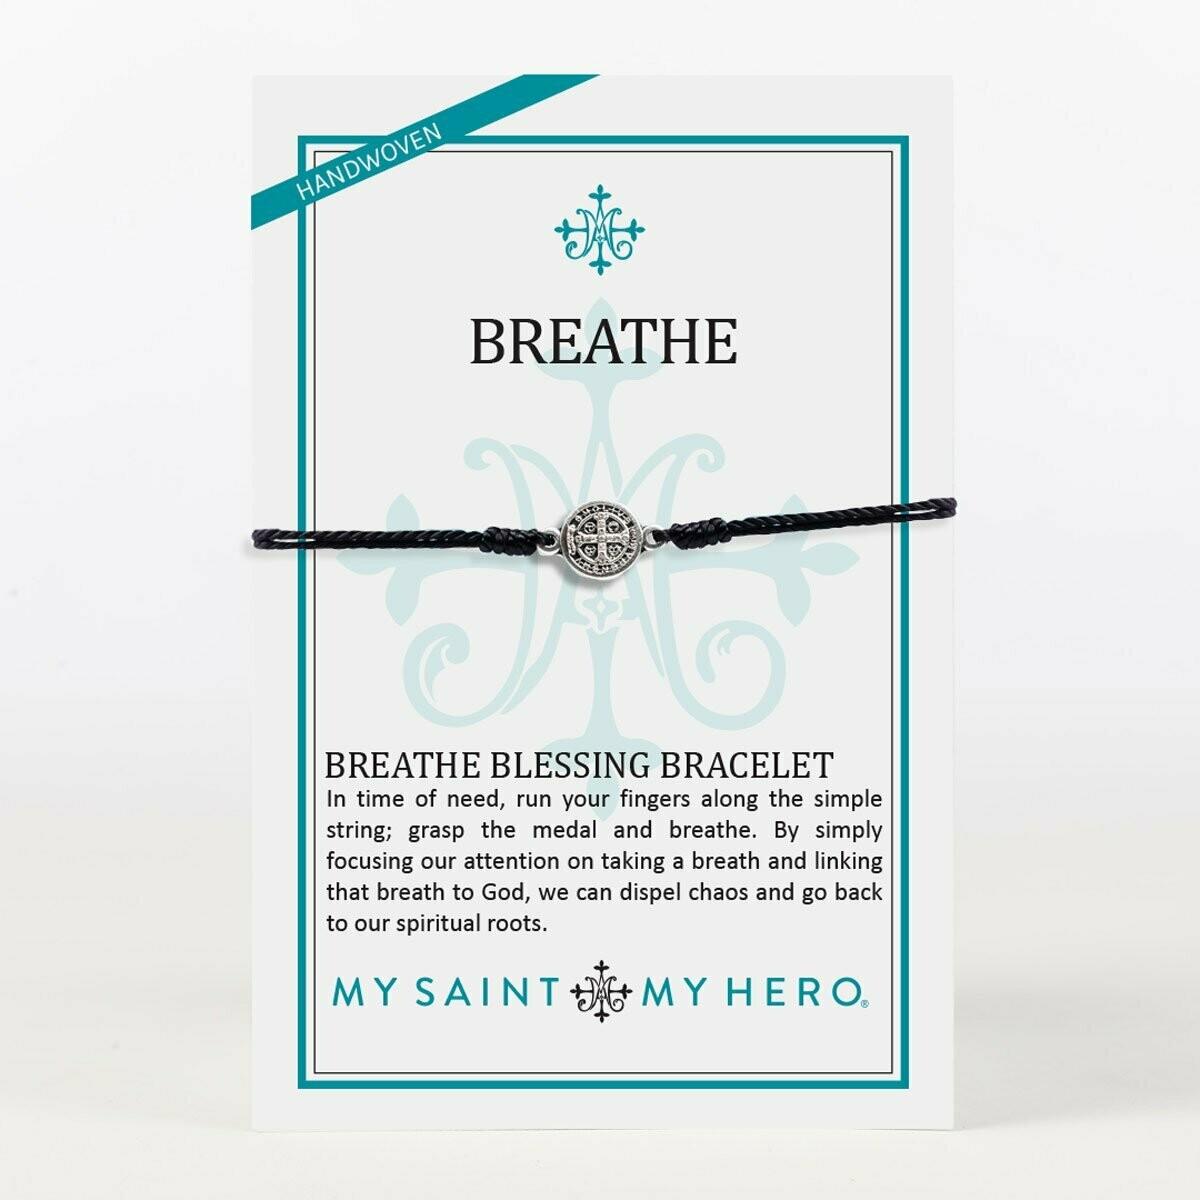 Breathe Blessing Bracelet (Silver/Black)